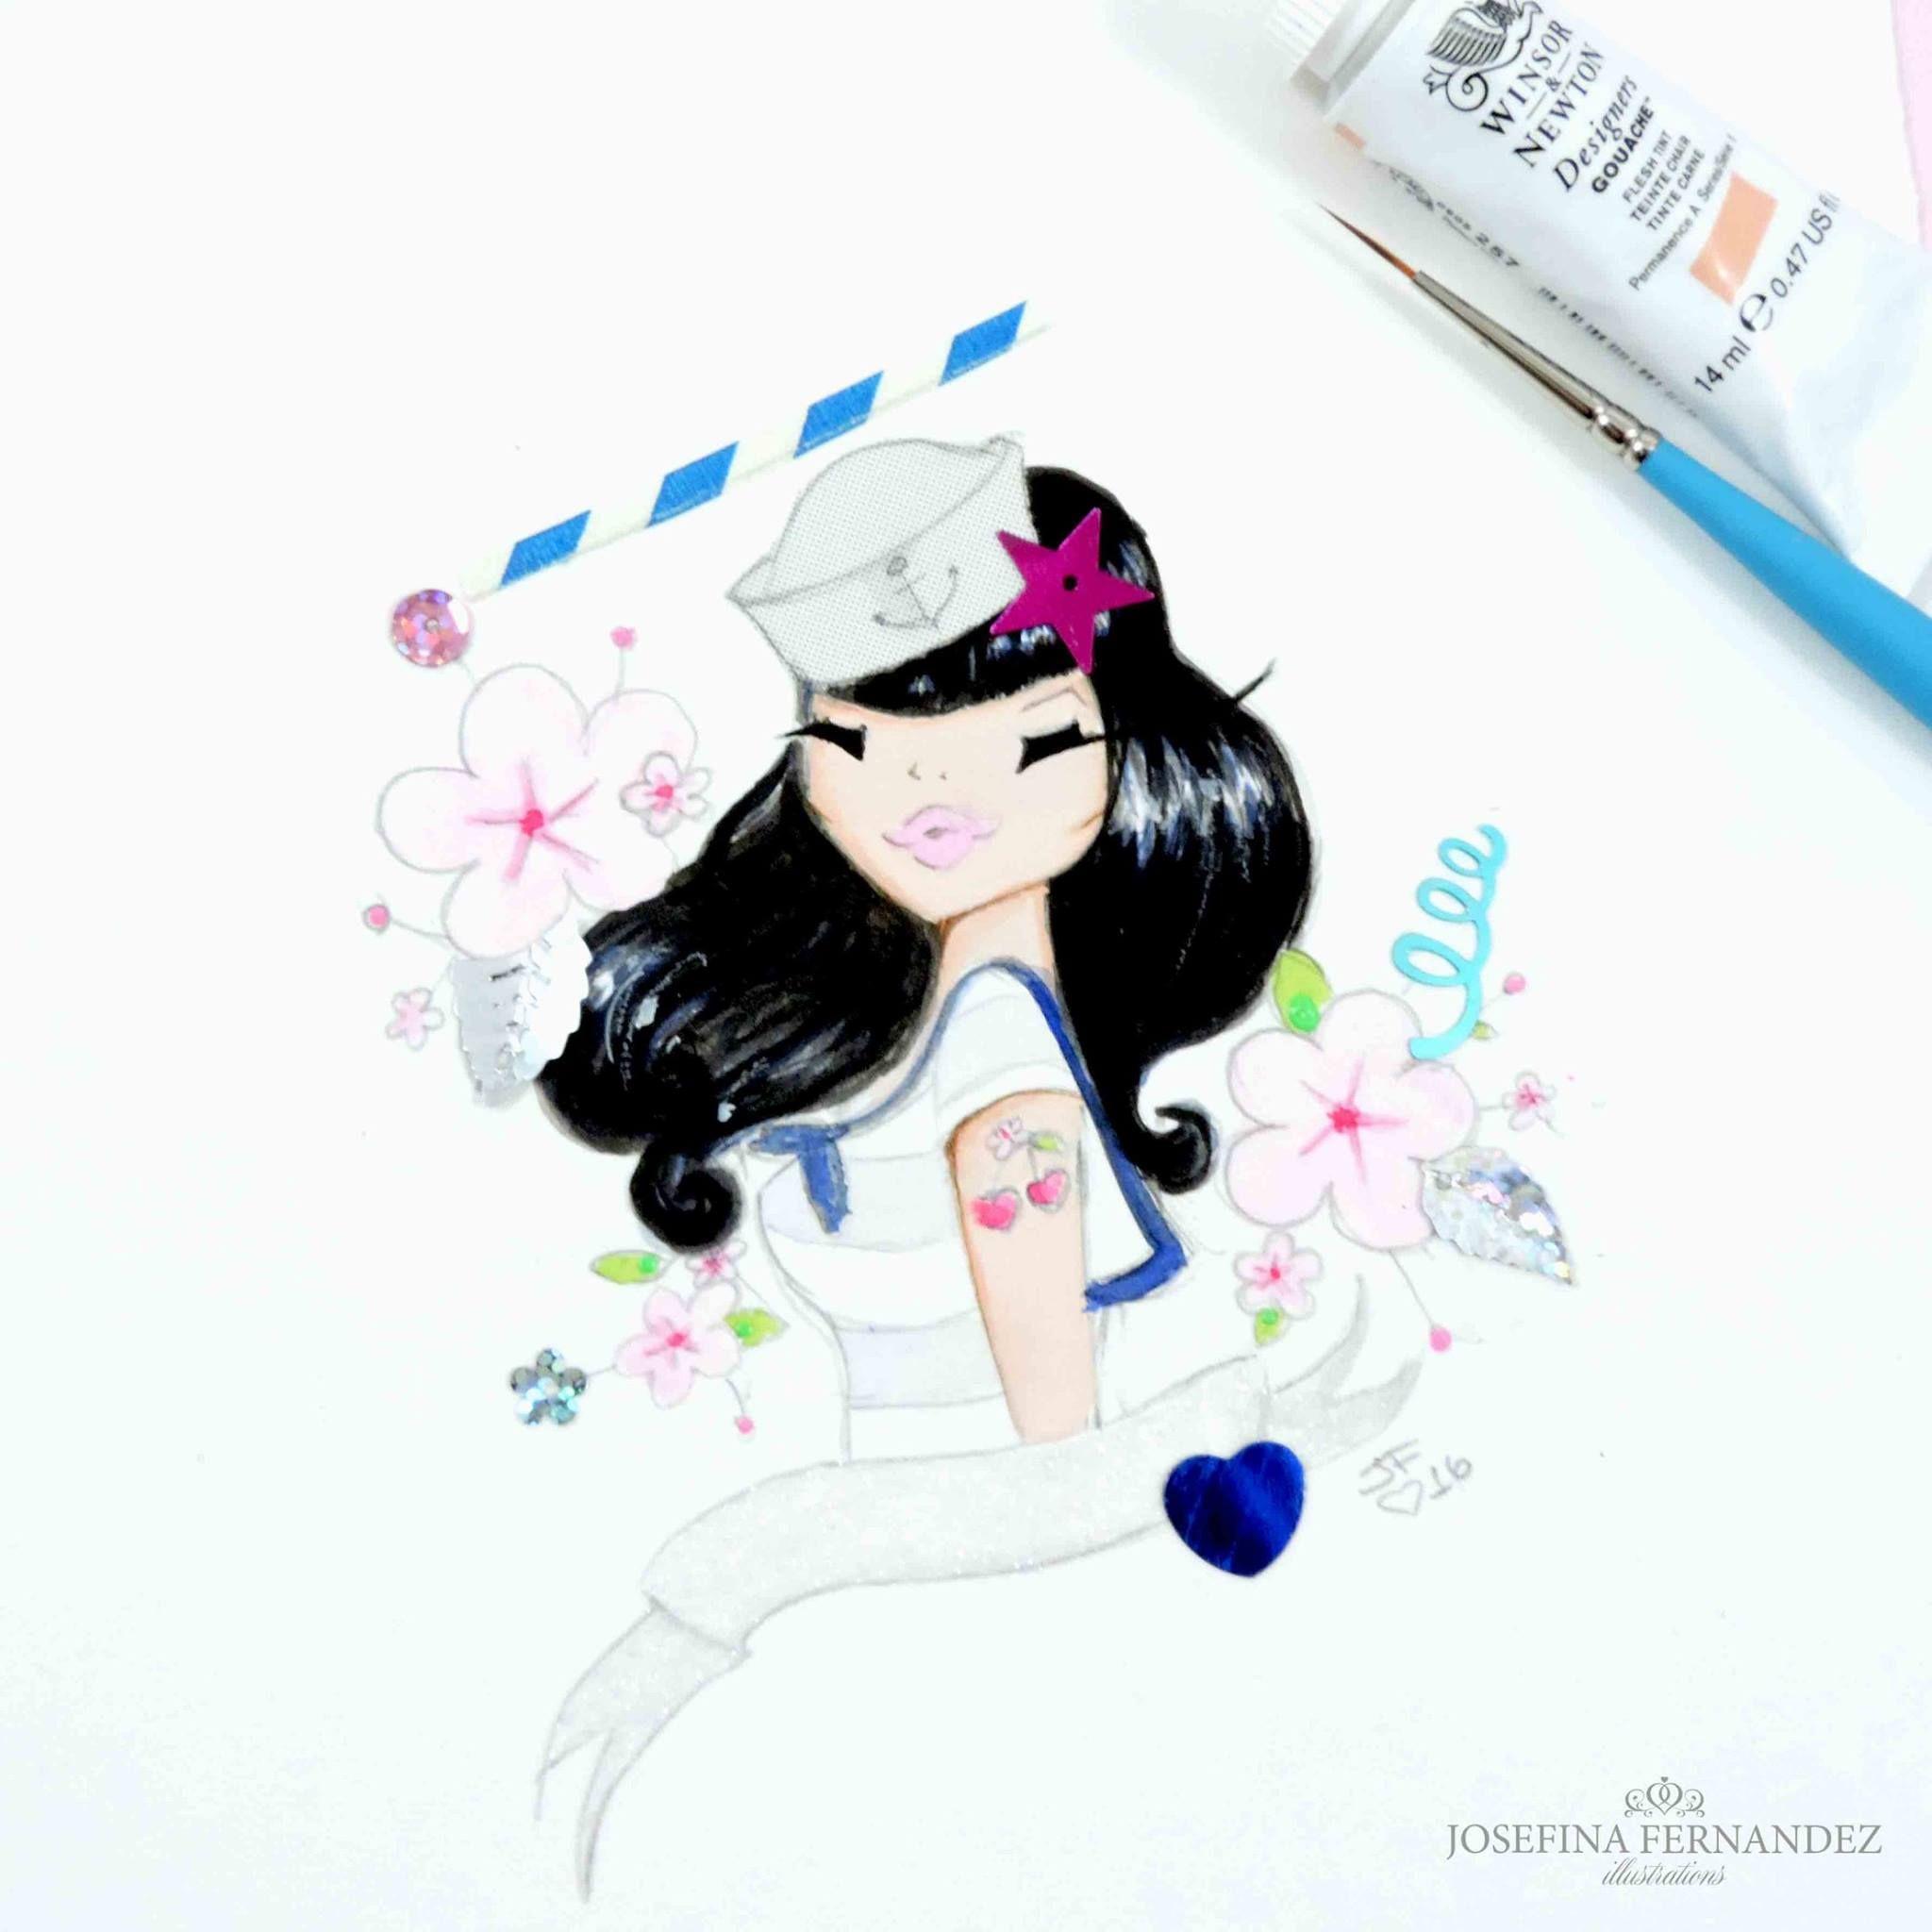 A Lovely Pin Up Piece By Fashion Illustrator Josefina Fernandez